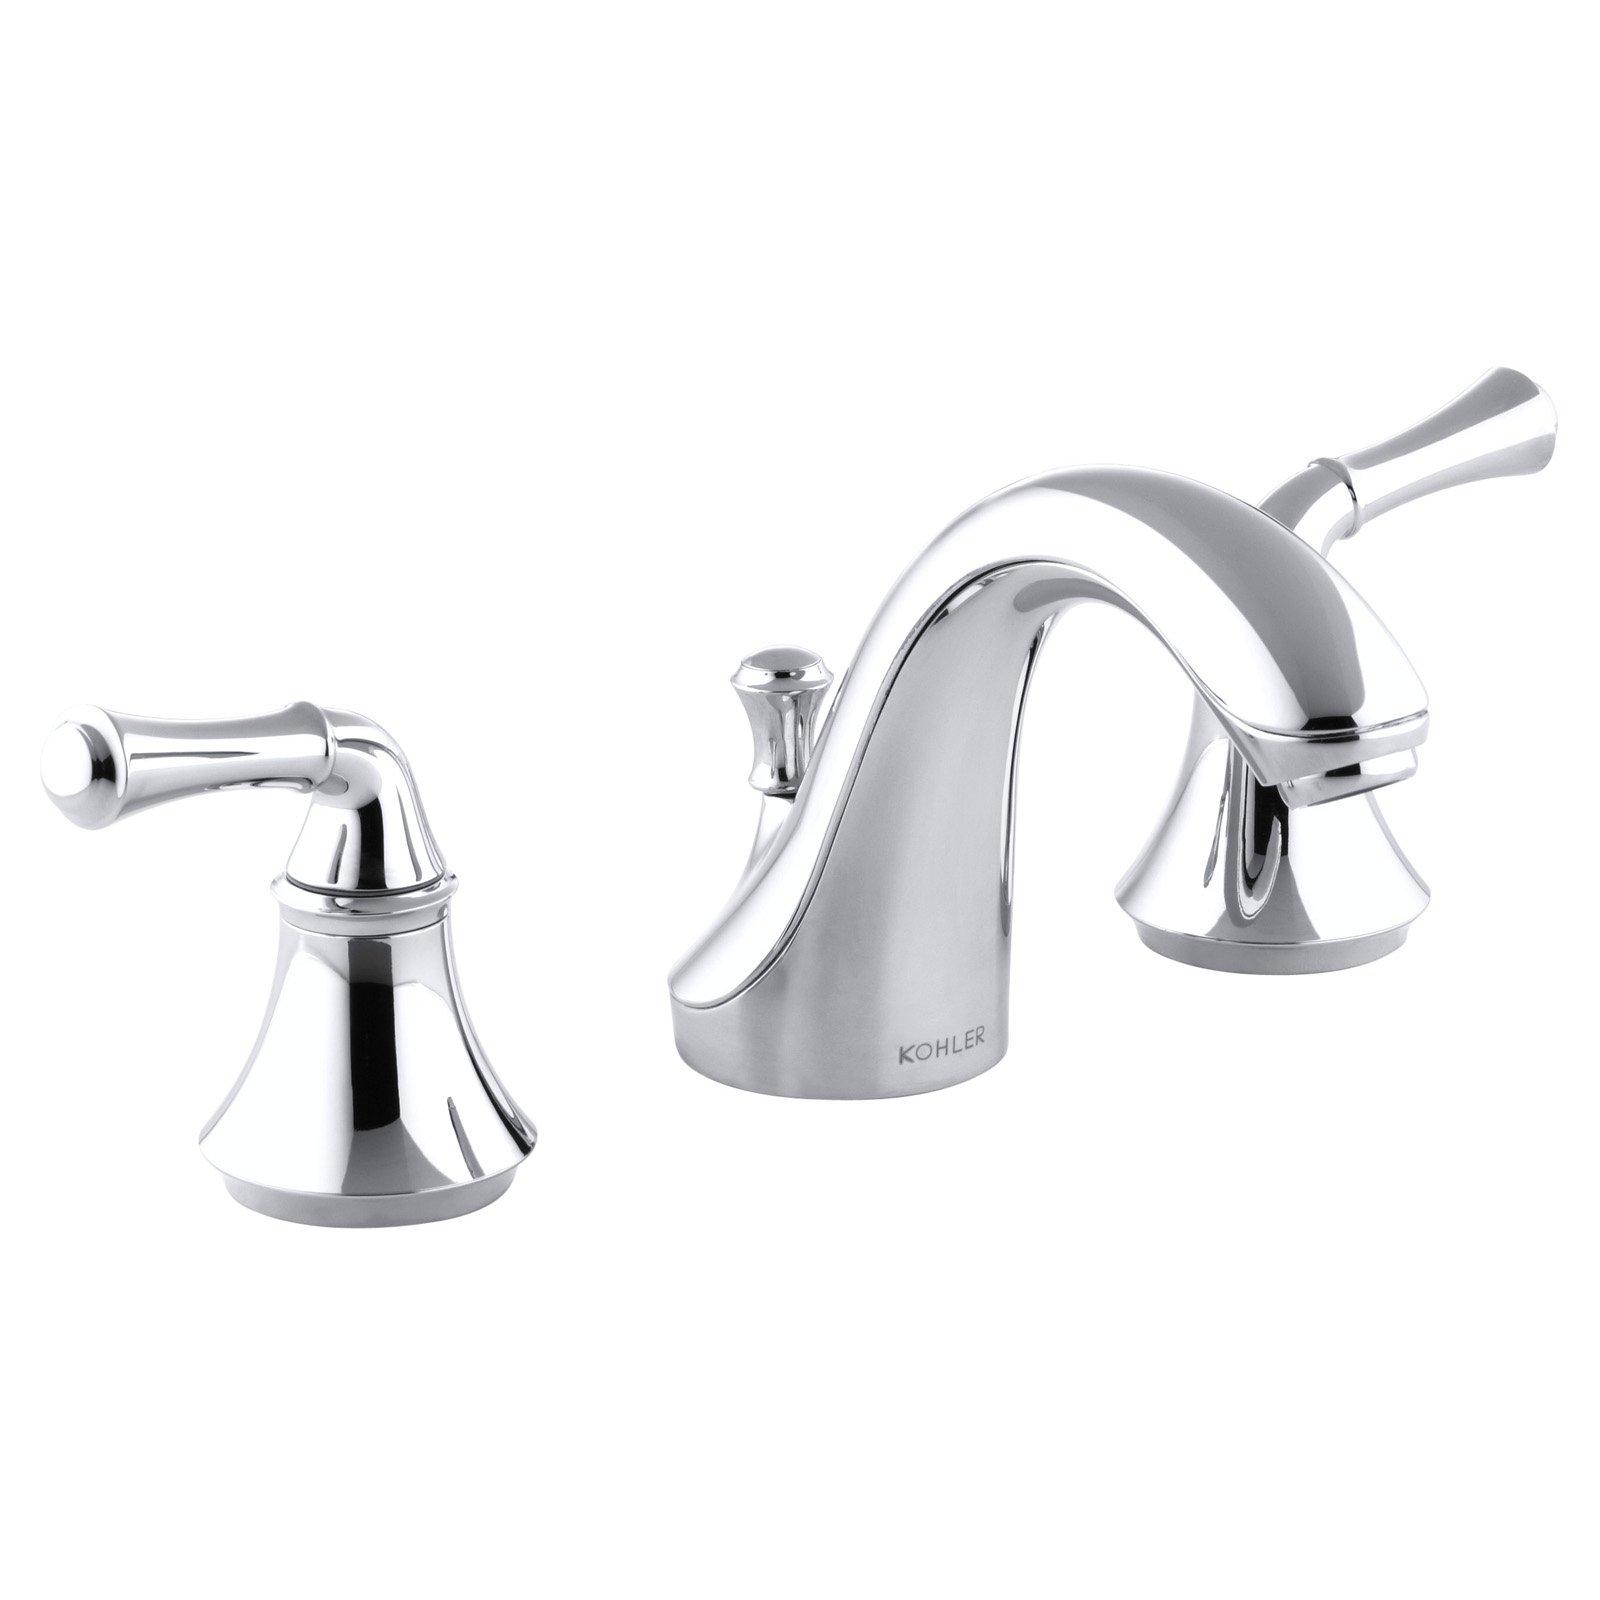 Kohler Forte Widespread Bathroom Sink Faucet Widespread Bathroom